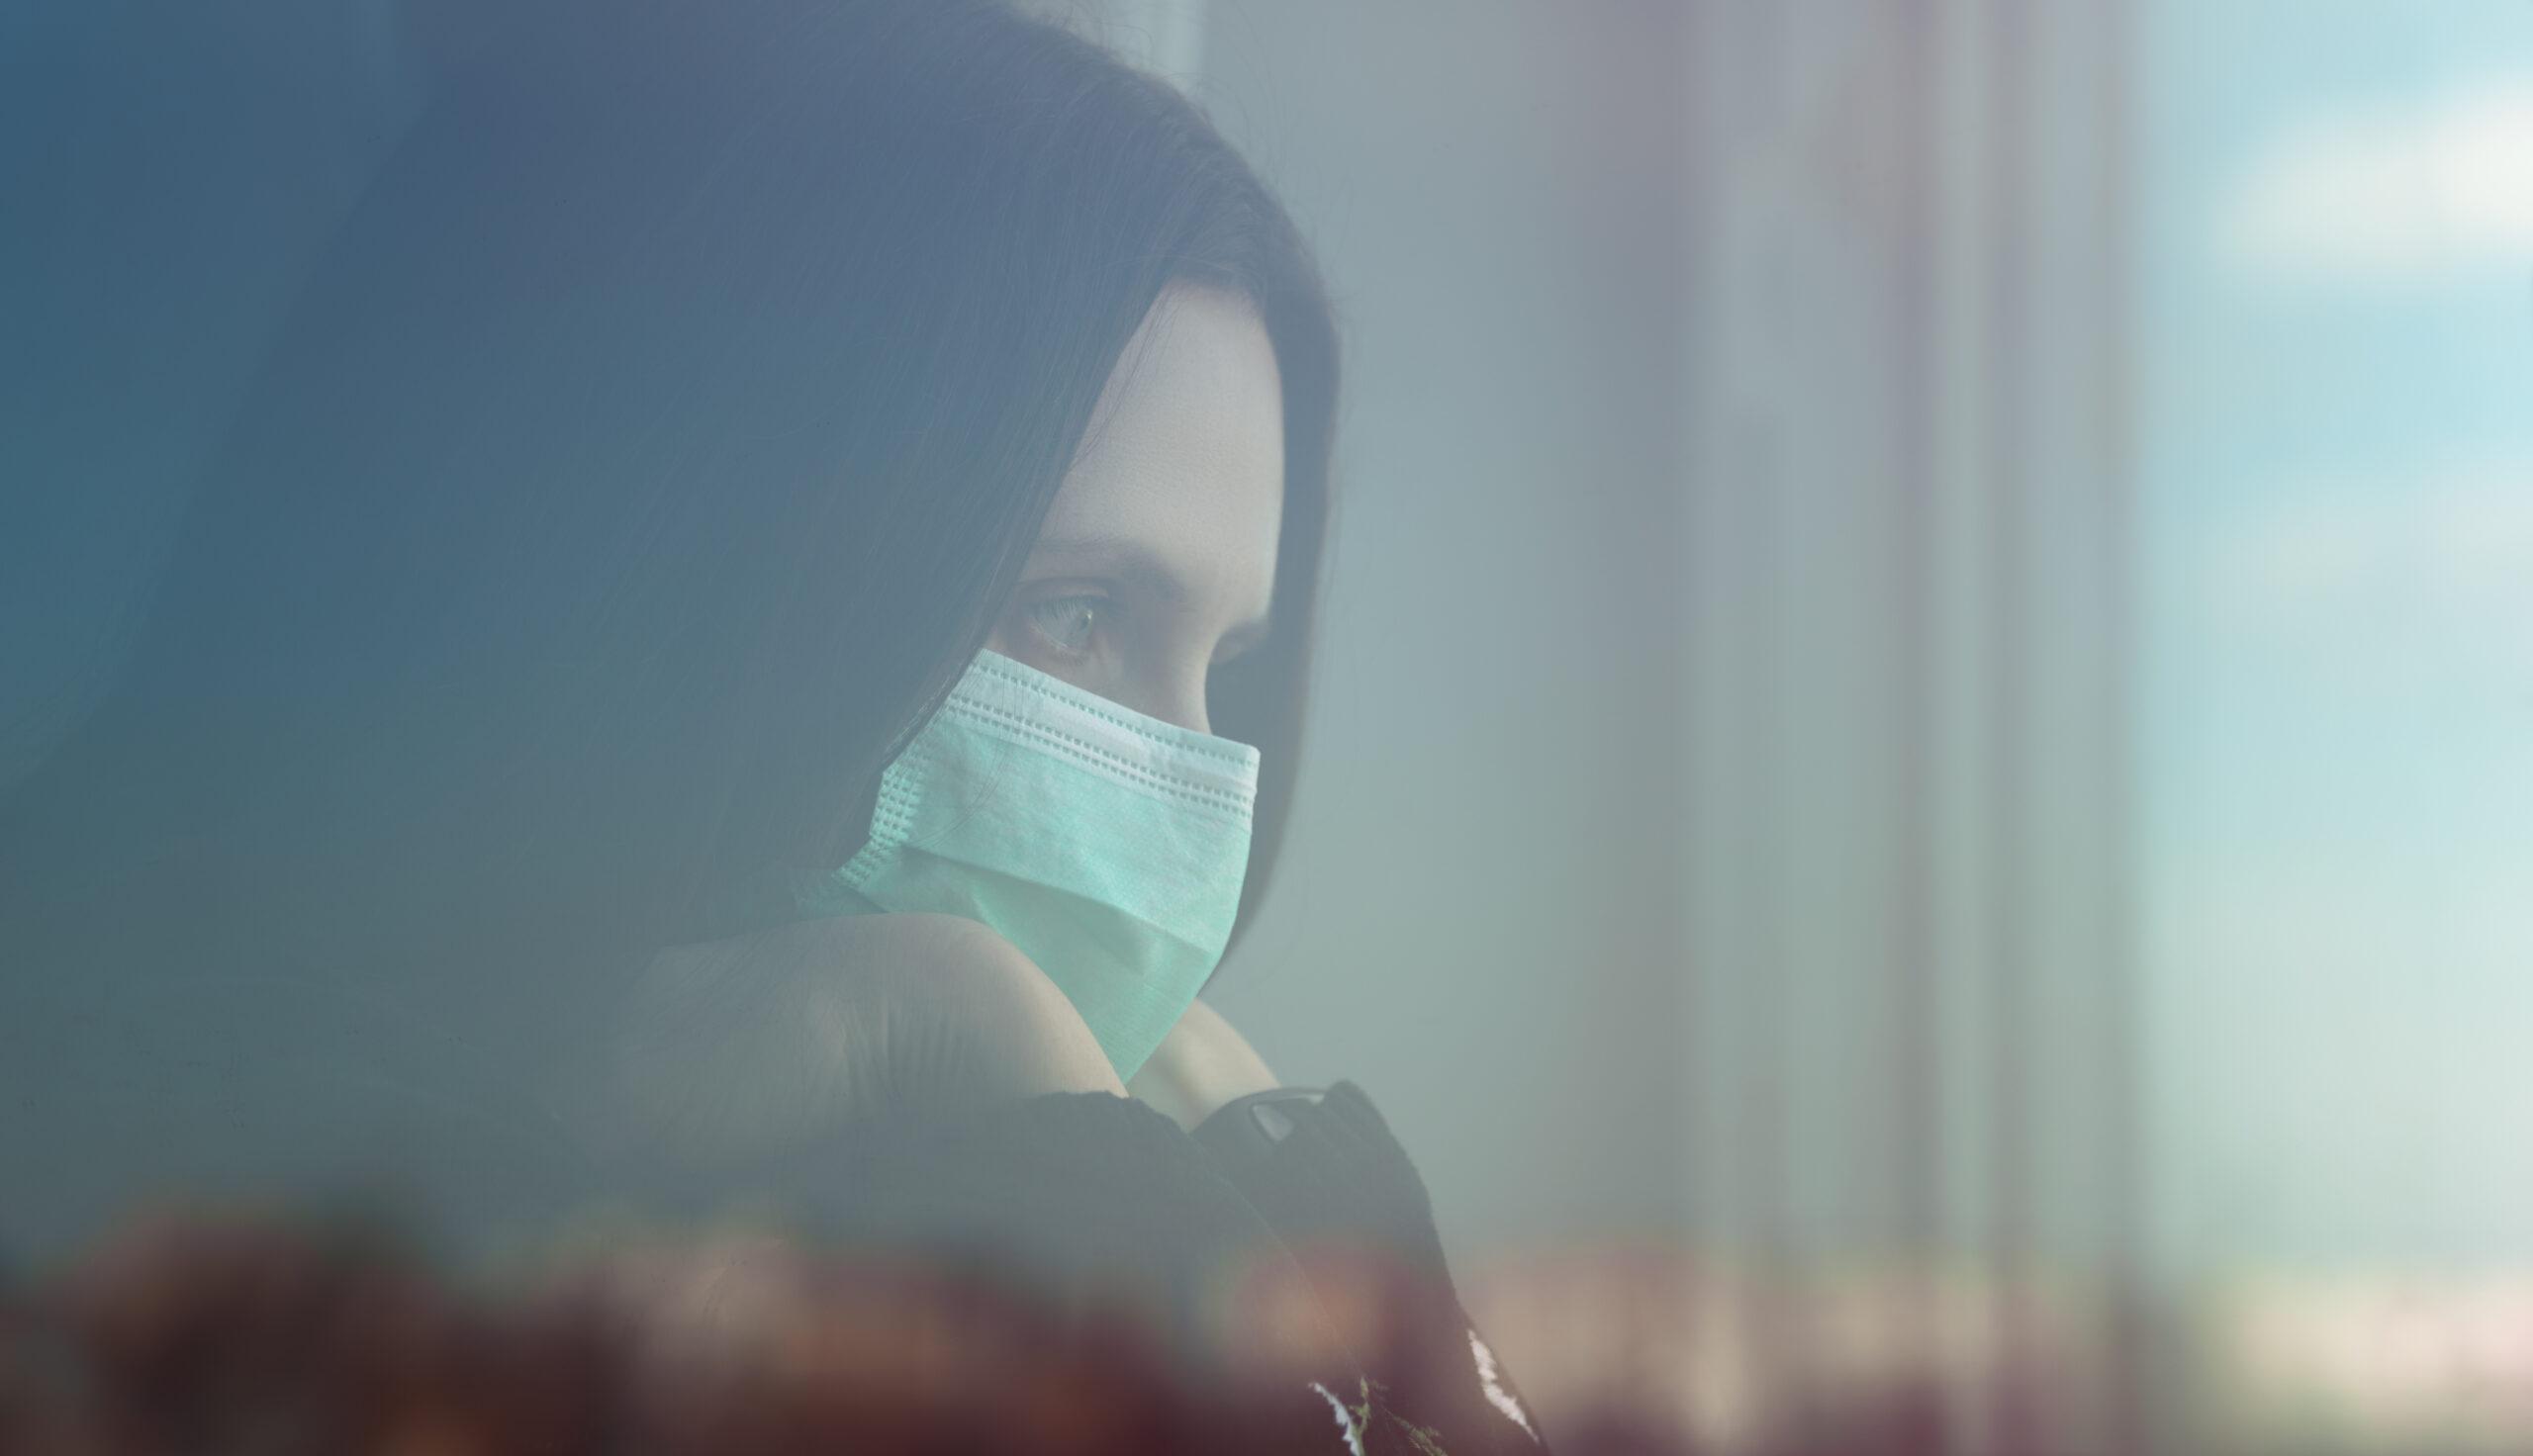 pandemia: quali sono gli effetti dal punto di vista psicologico?